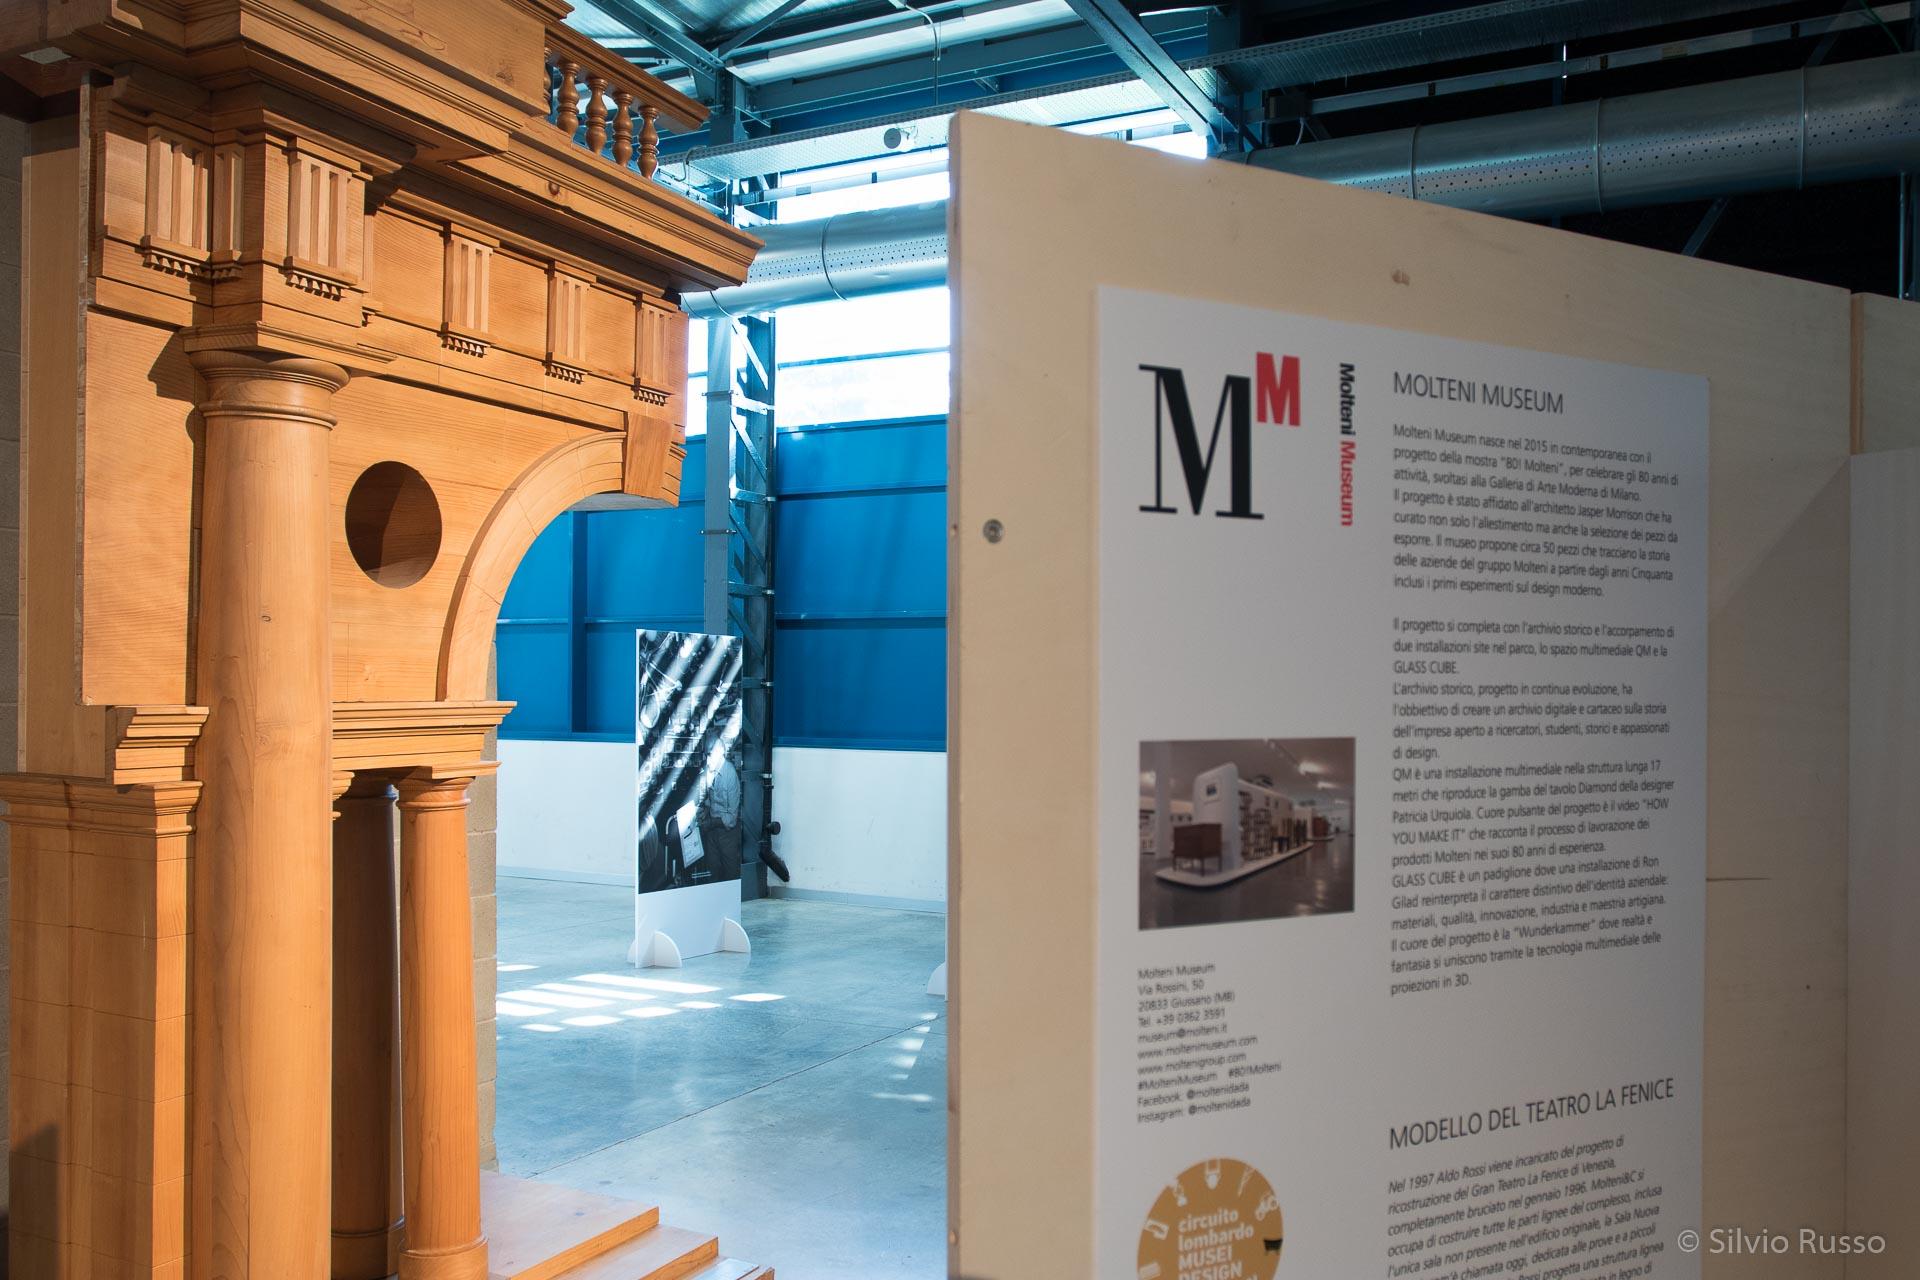 Modello di decorazione lignea per la Sala Rossi, Gran Teatro La Fenice, Venezia, progetto Aldo Rossi,1997, Molteni Museum